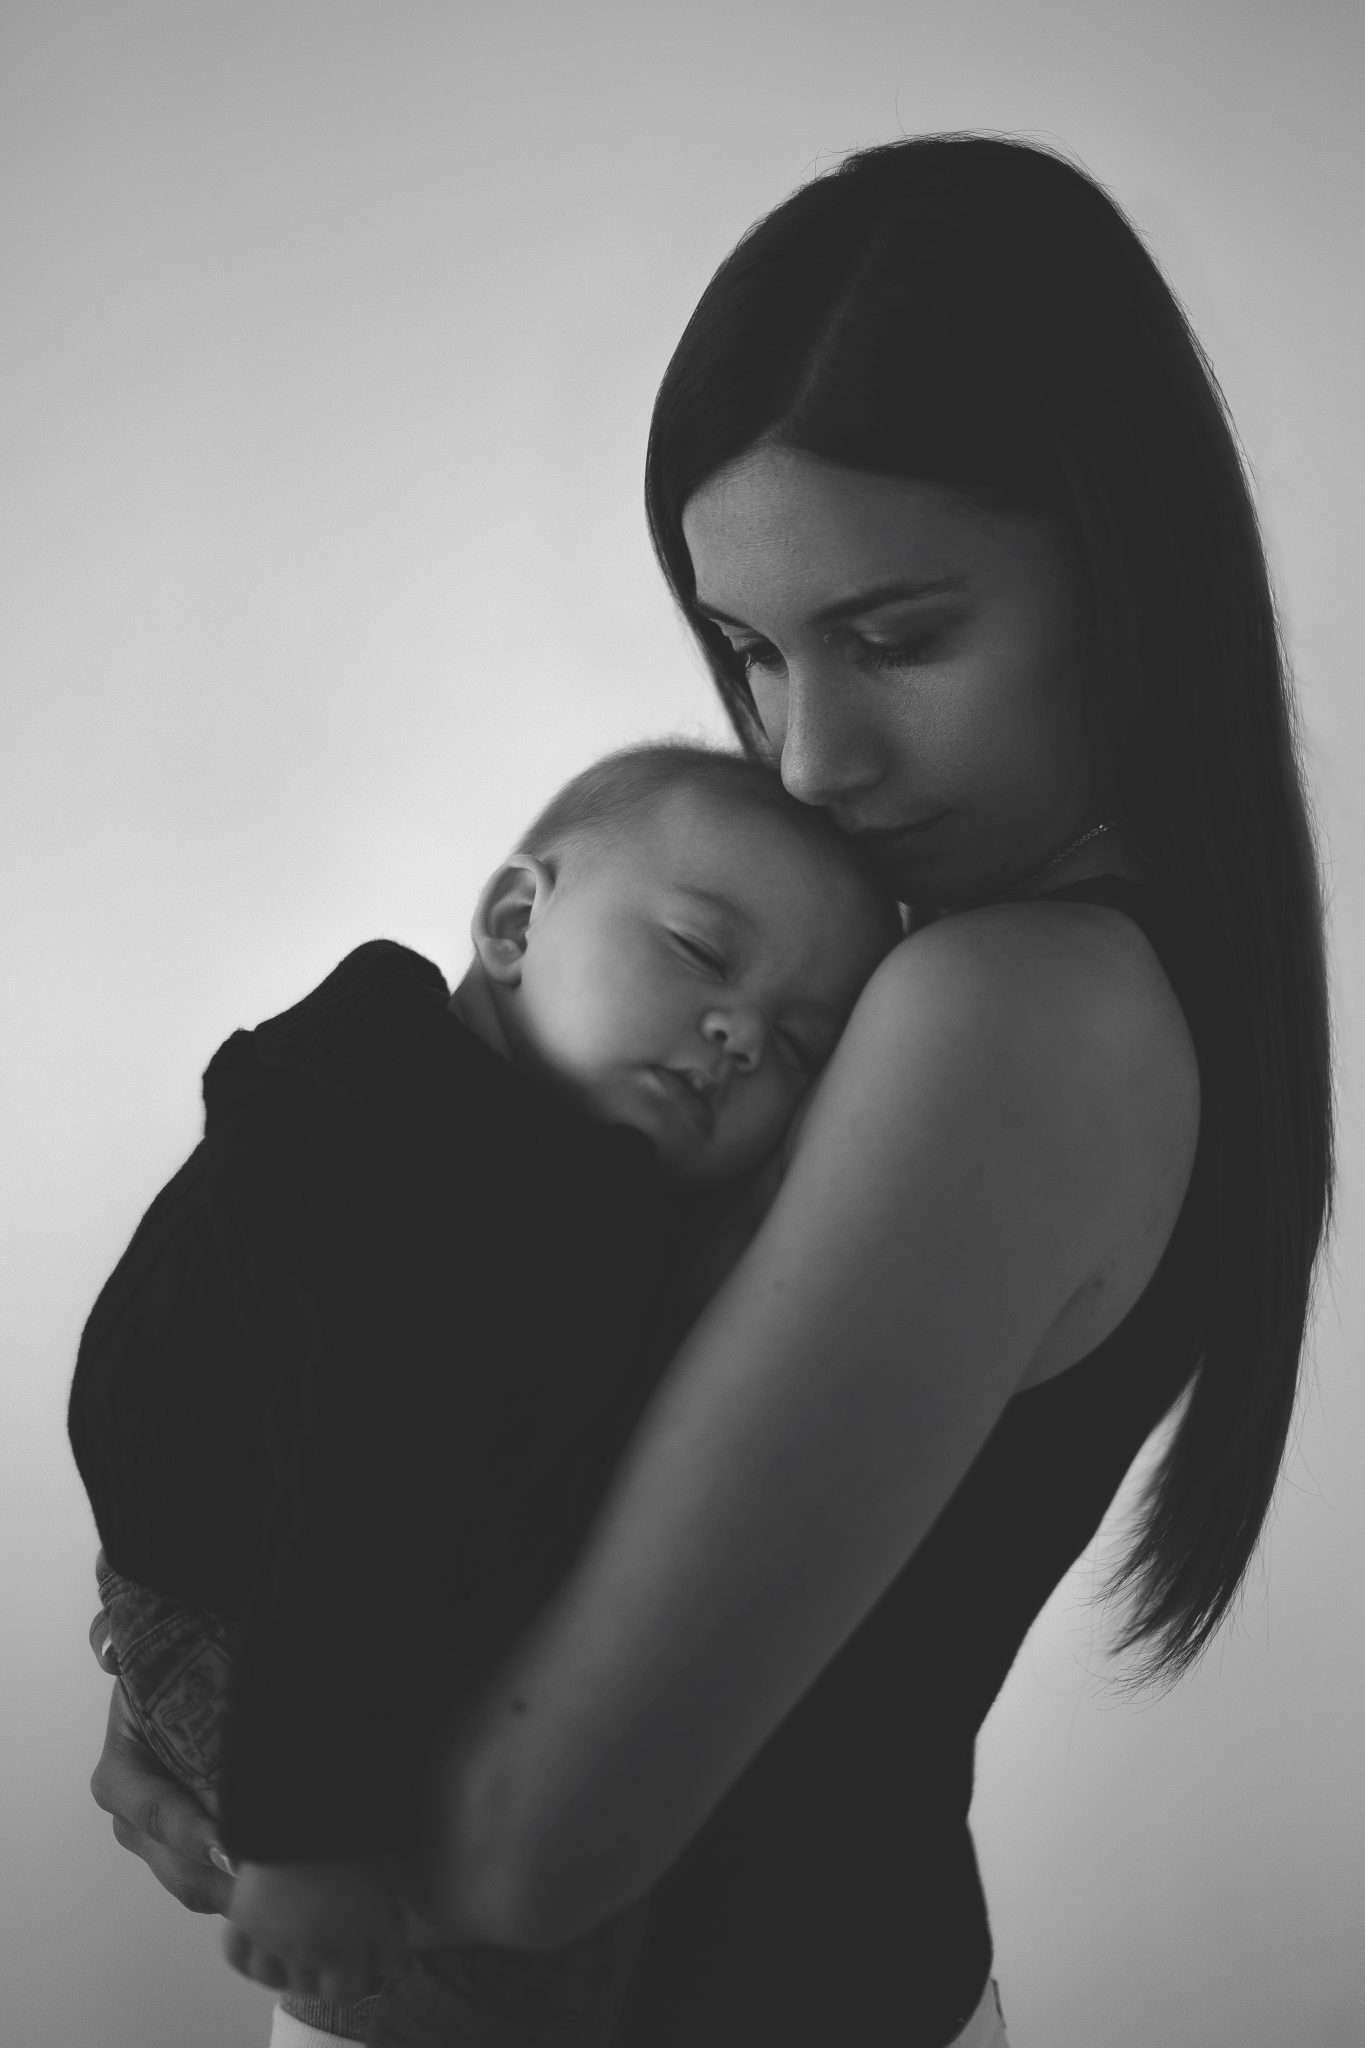 Fotografia newborn mamma Napoli realizzata da Barbara Trincone fotografo specializzato in fotografia di gravidanza, genitorialità, nascita